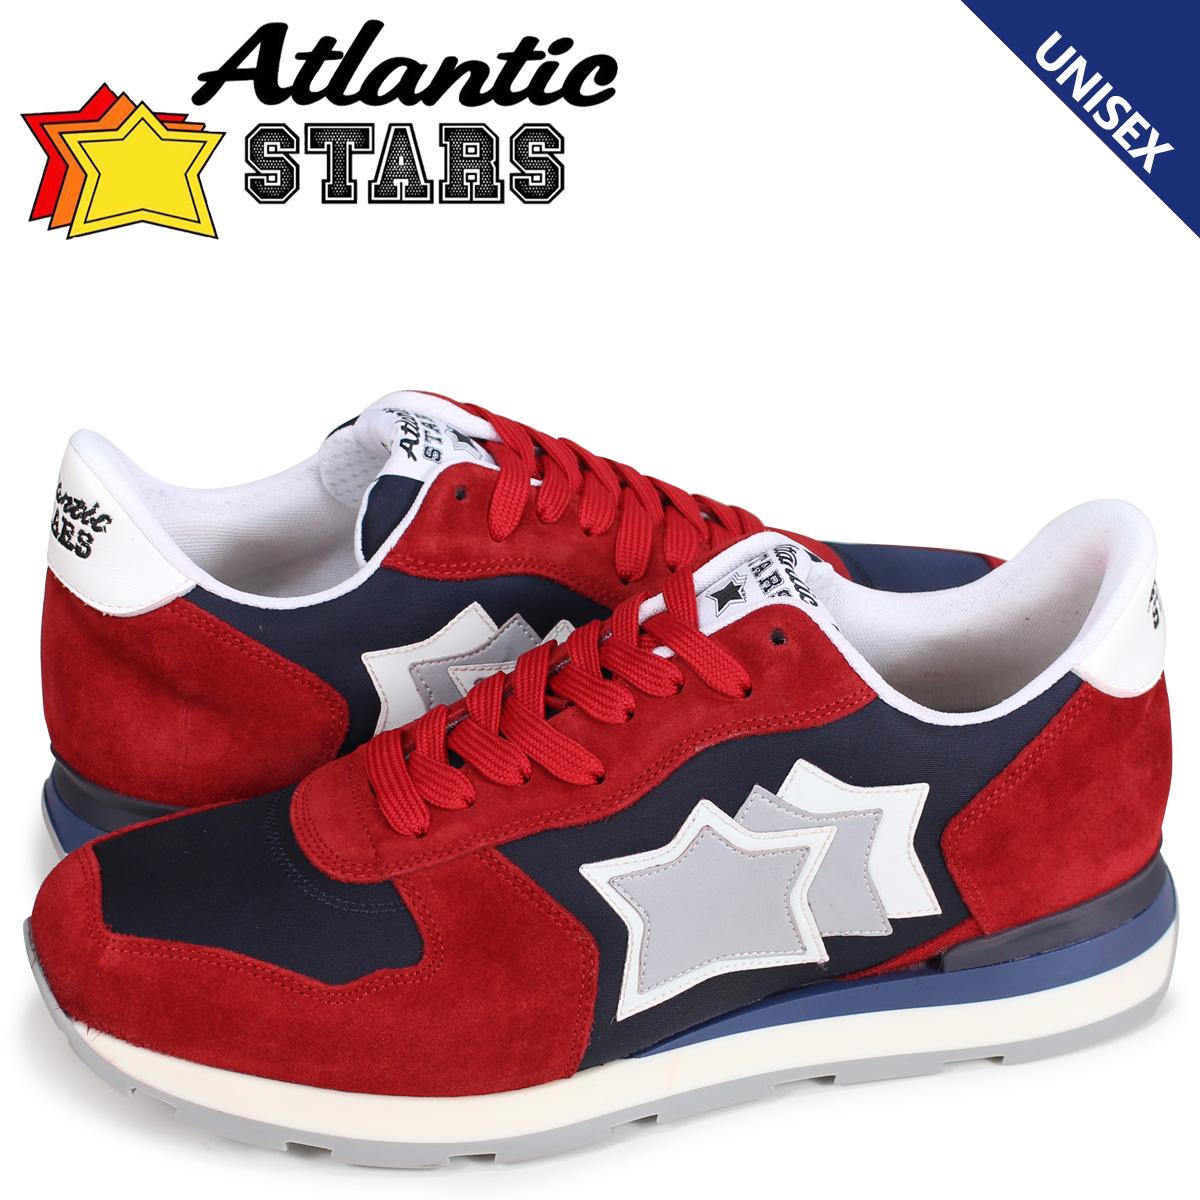 アトランティックスターズ メンズ スニーカー Atlantic STARS アンタレス ANTARES NFS-09NY レッド [7/13 新入荷] 【決算セール 返品不可】